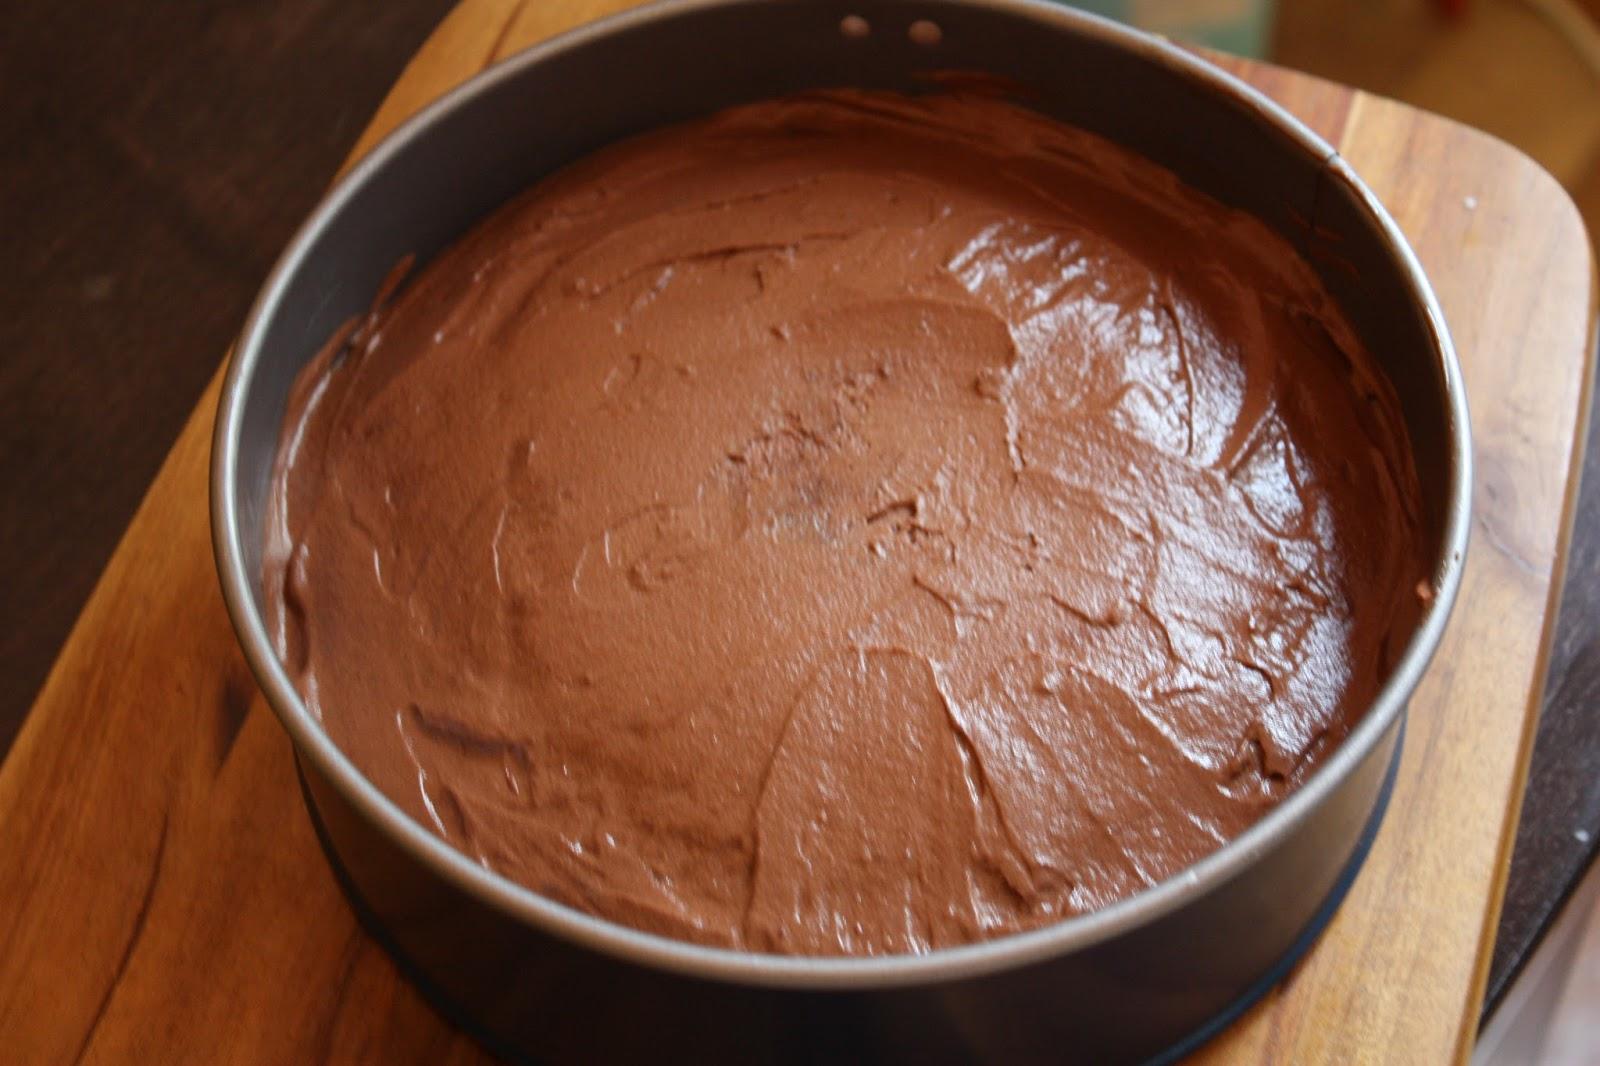 Рецепт мусса для торта в домашних условиях